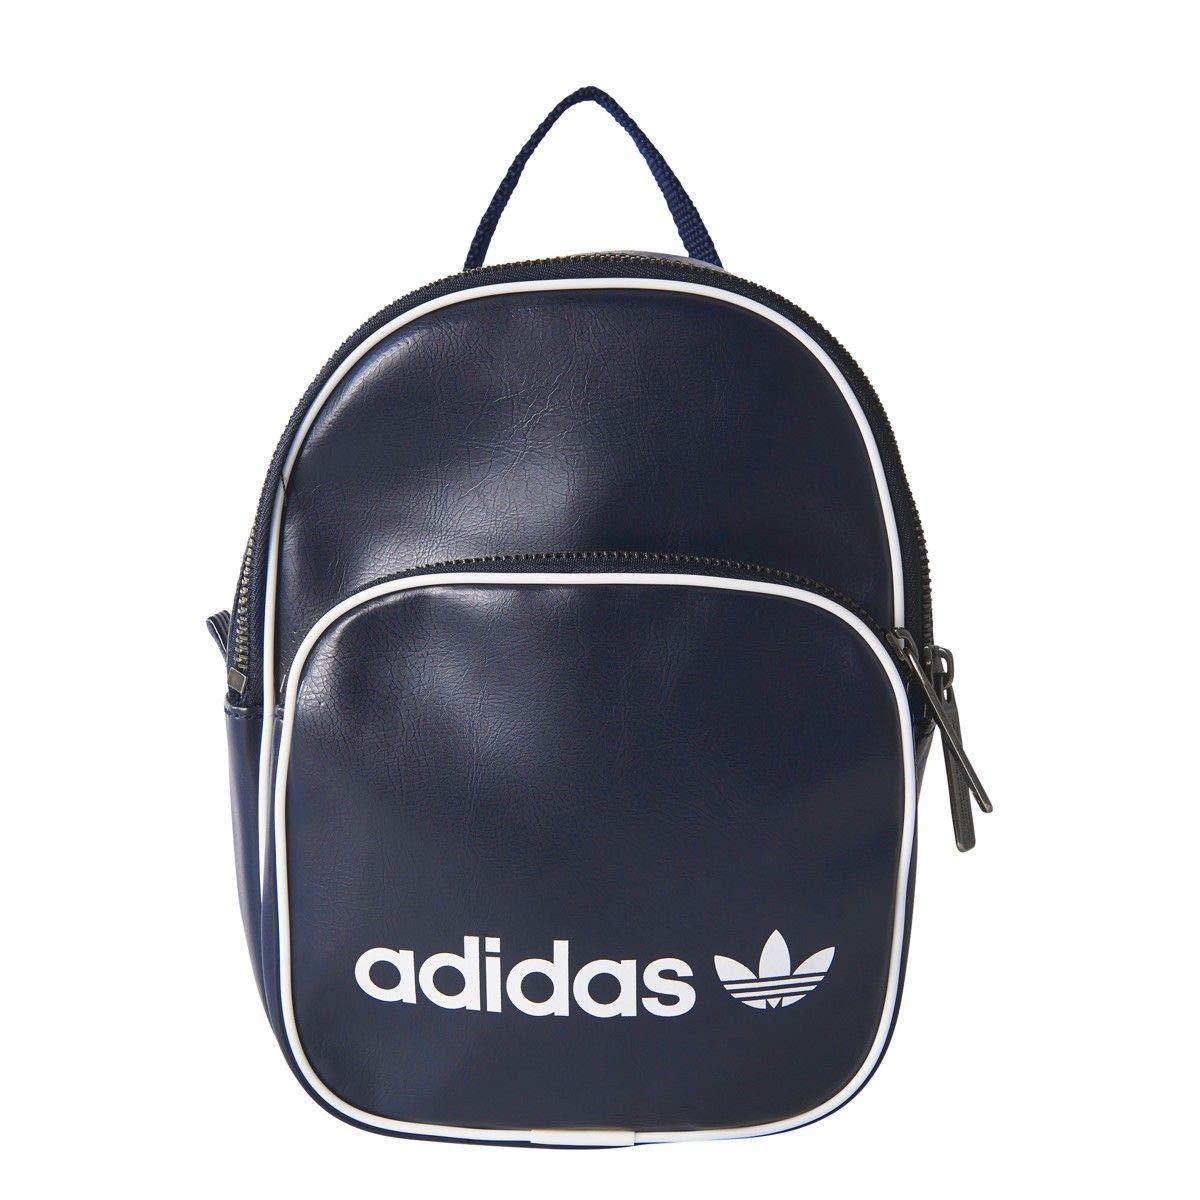 24dc8db829f Amazon.com  ADIDAS ORIGINALS ORIGINALS CLASSIC X VINTAGE MINI BACKPACK  (BQ8099)  Shoe Deals